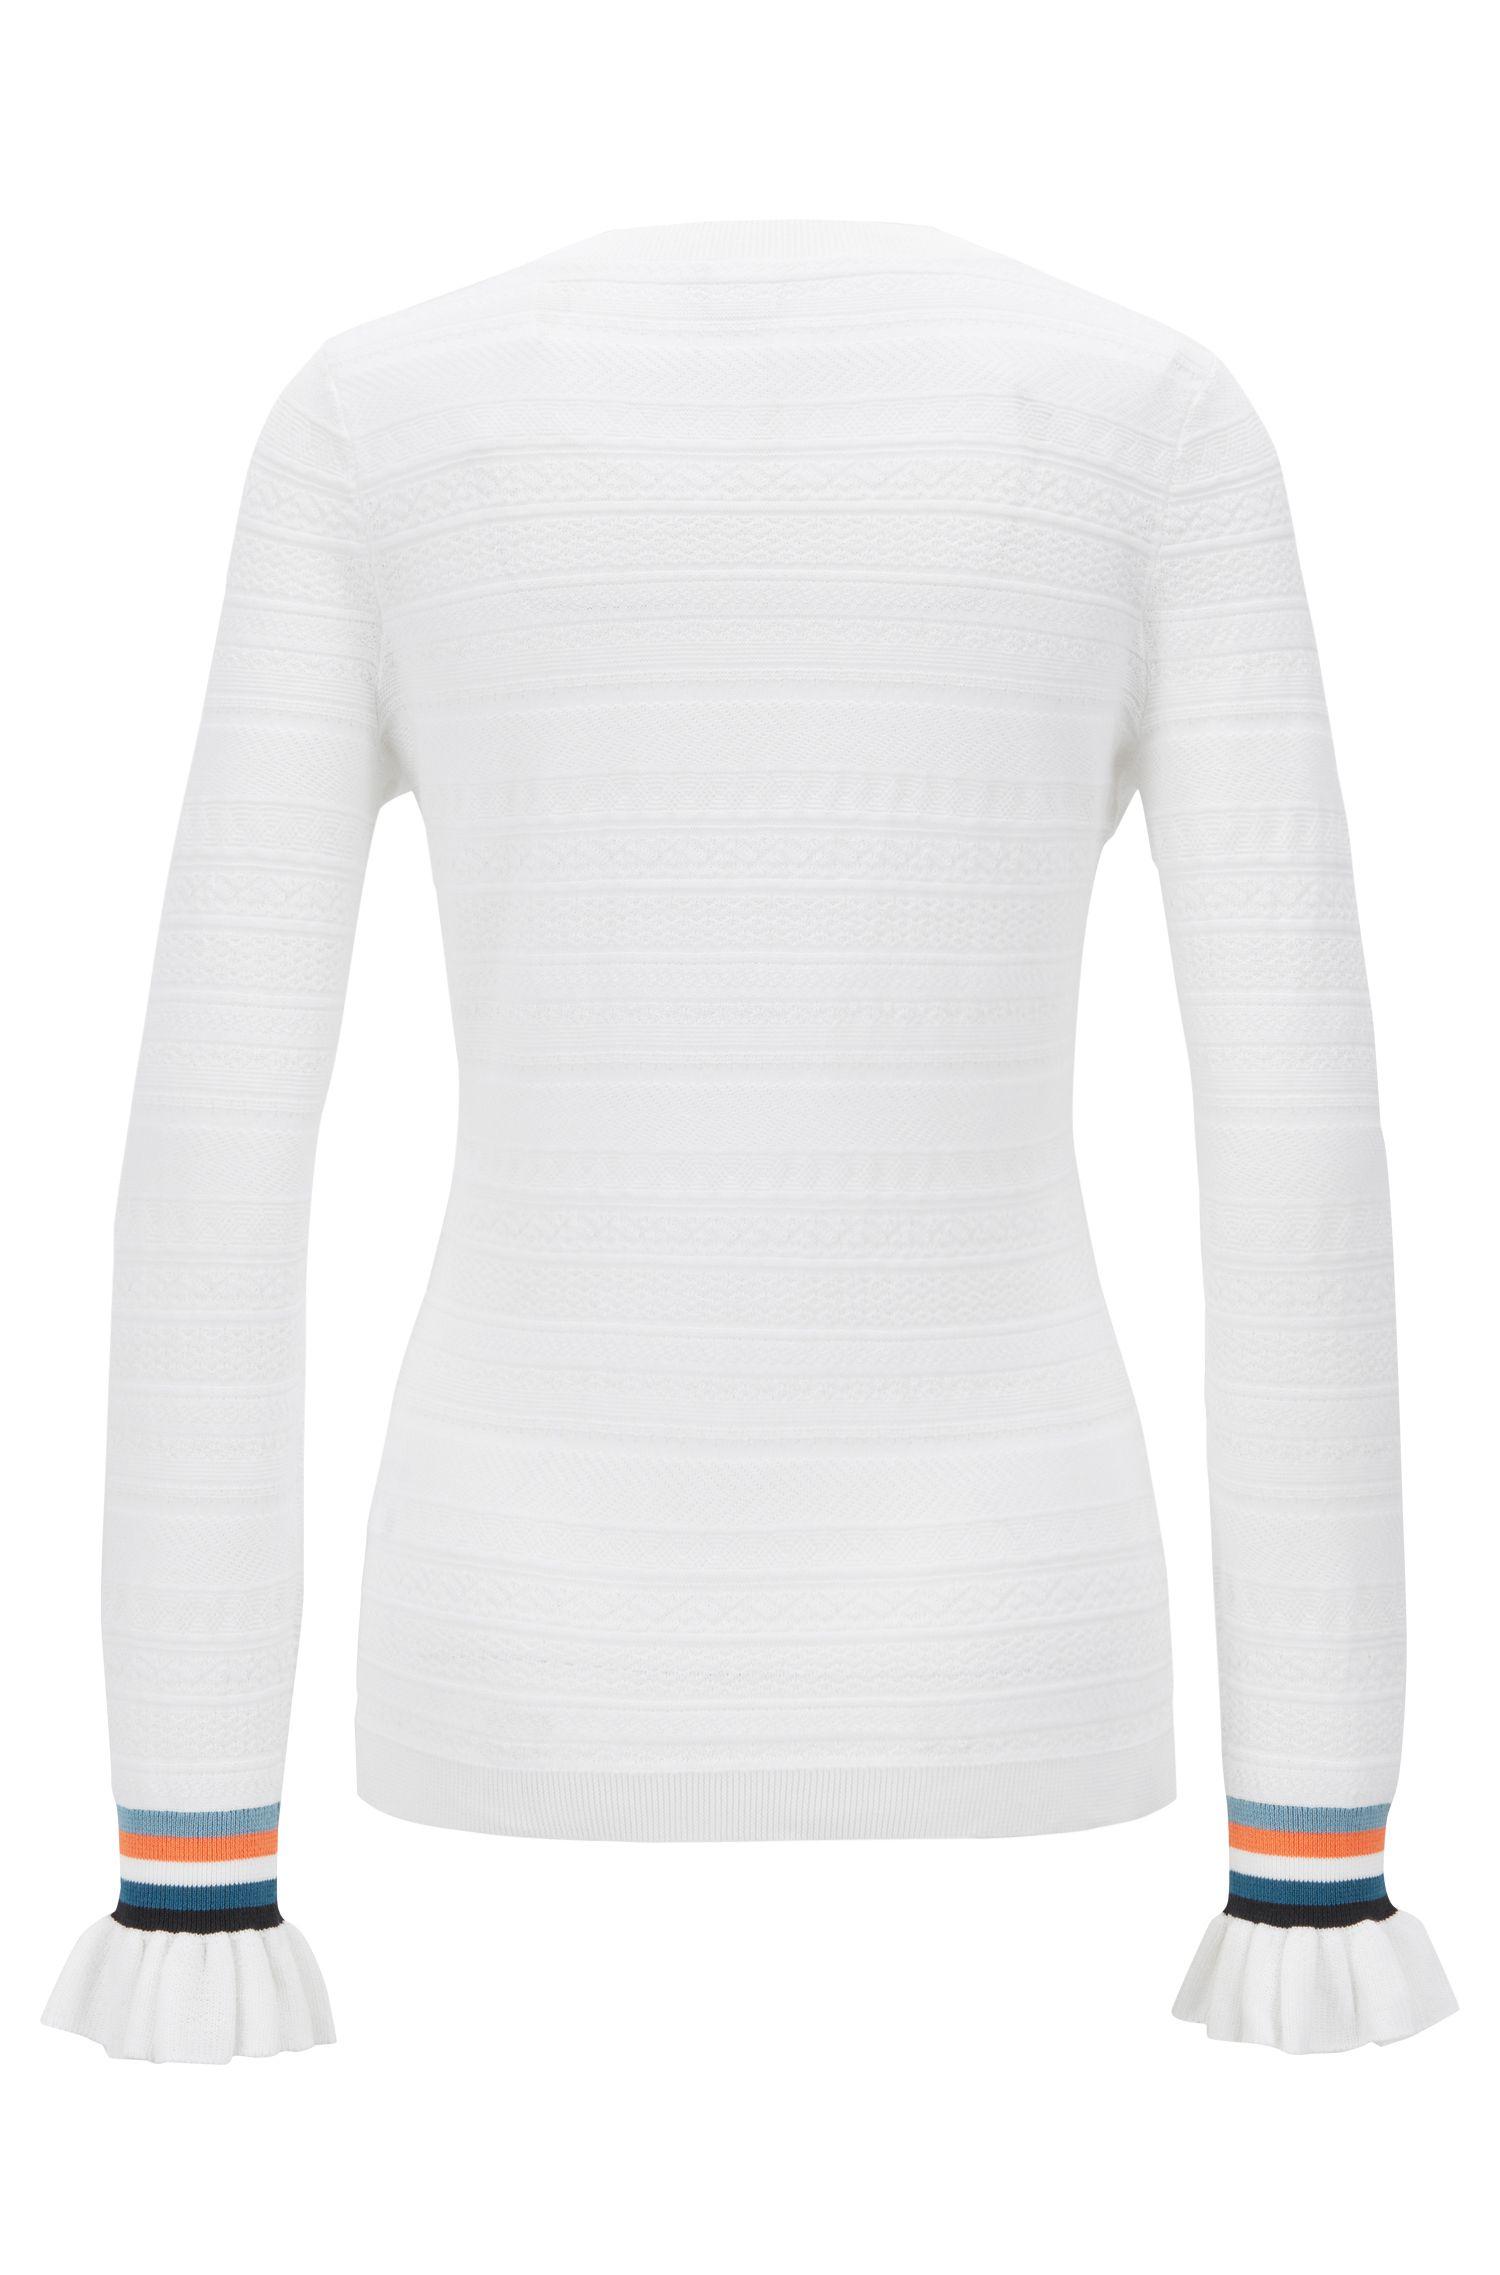 Pullover aus Baumwoll-Mix mit gerafften Ärmeln und gestreiften Bündchen, Weiß